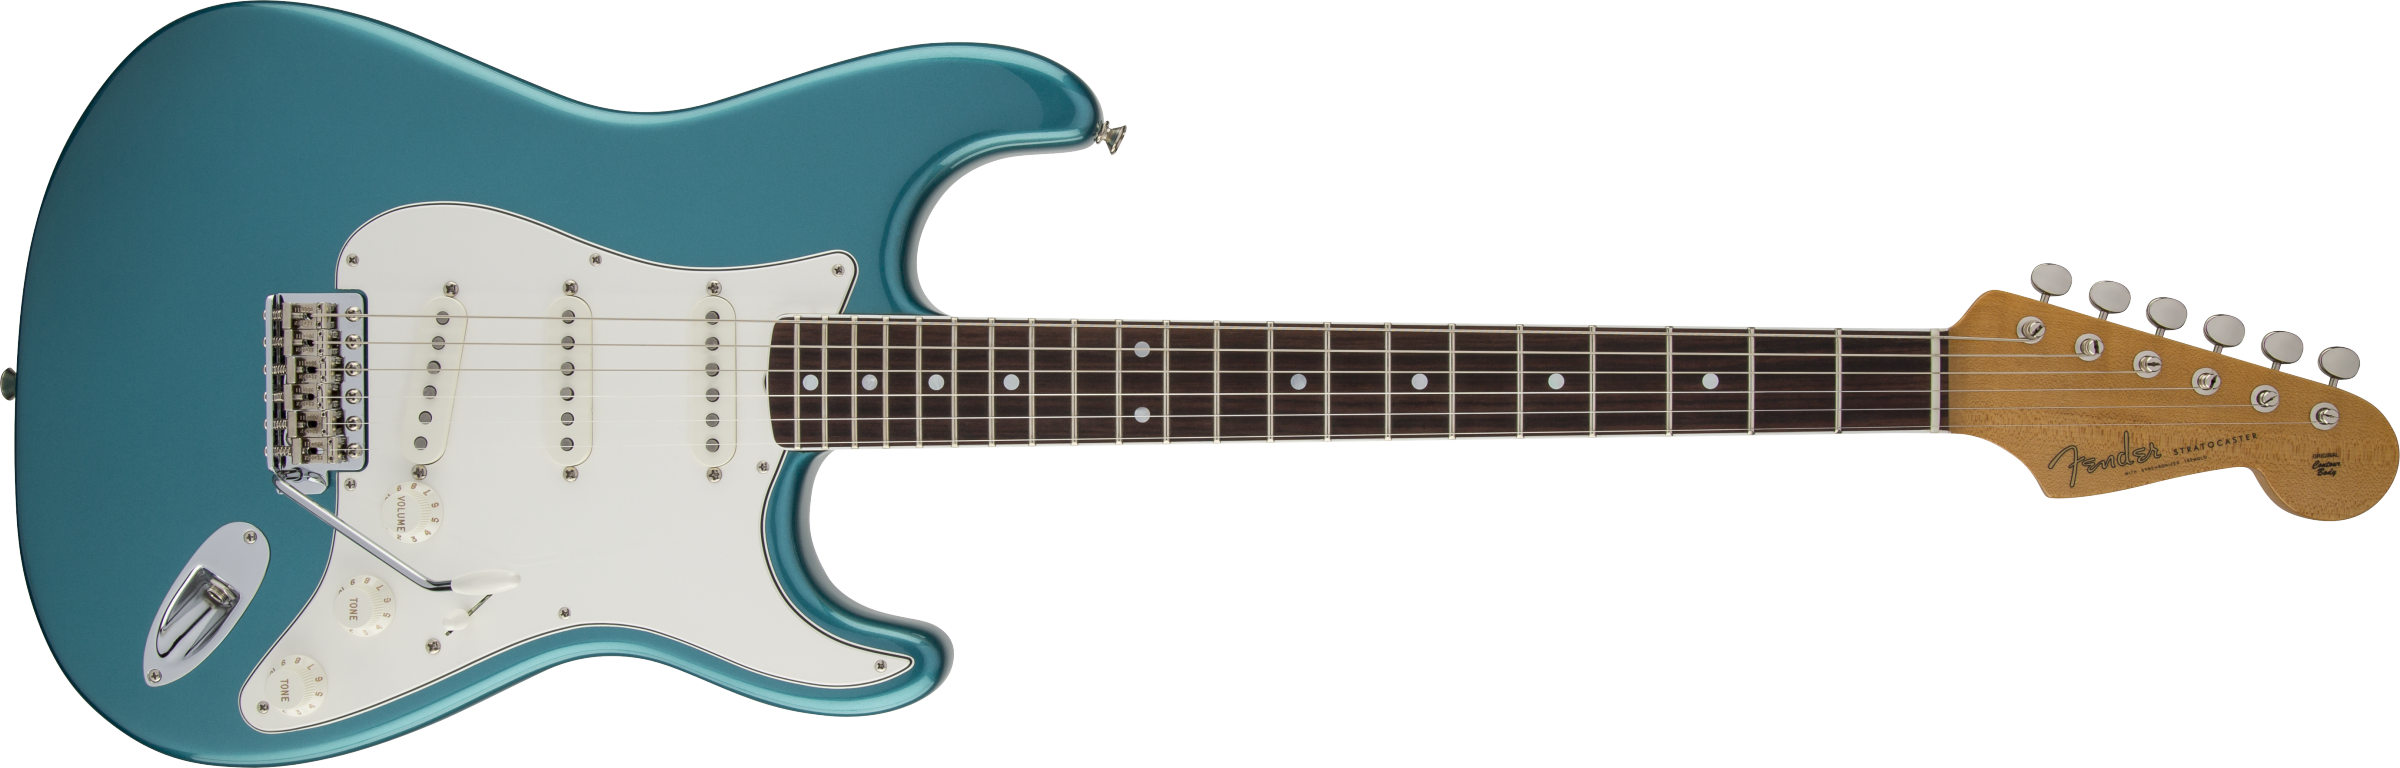 FENDER-Eric-Johnson-Stratocaster-Rosewood-Fingerboard-Lucerne-Aqua-Firemist-sku-571001640